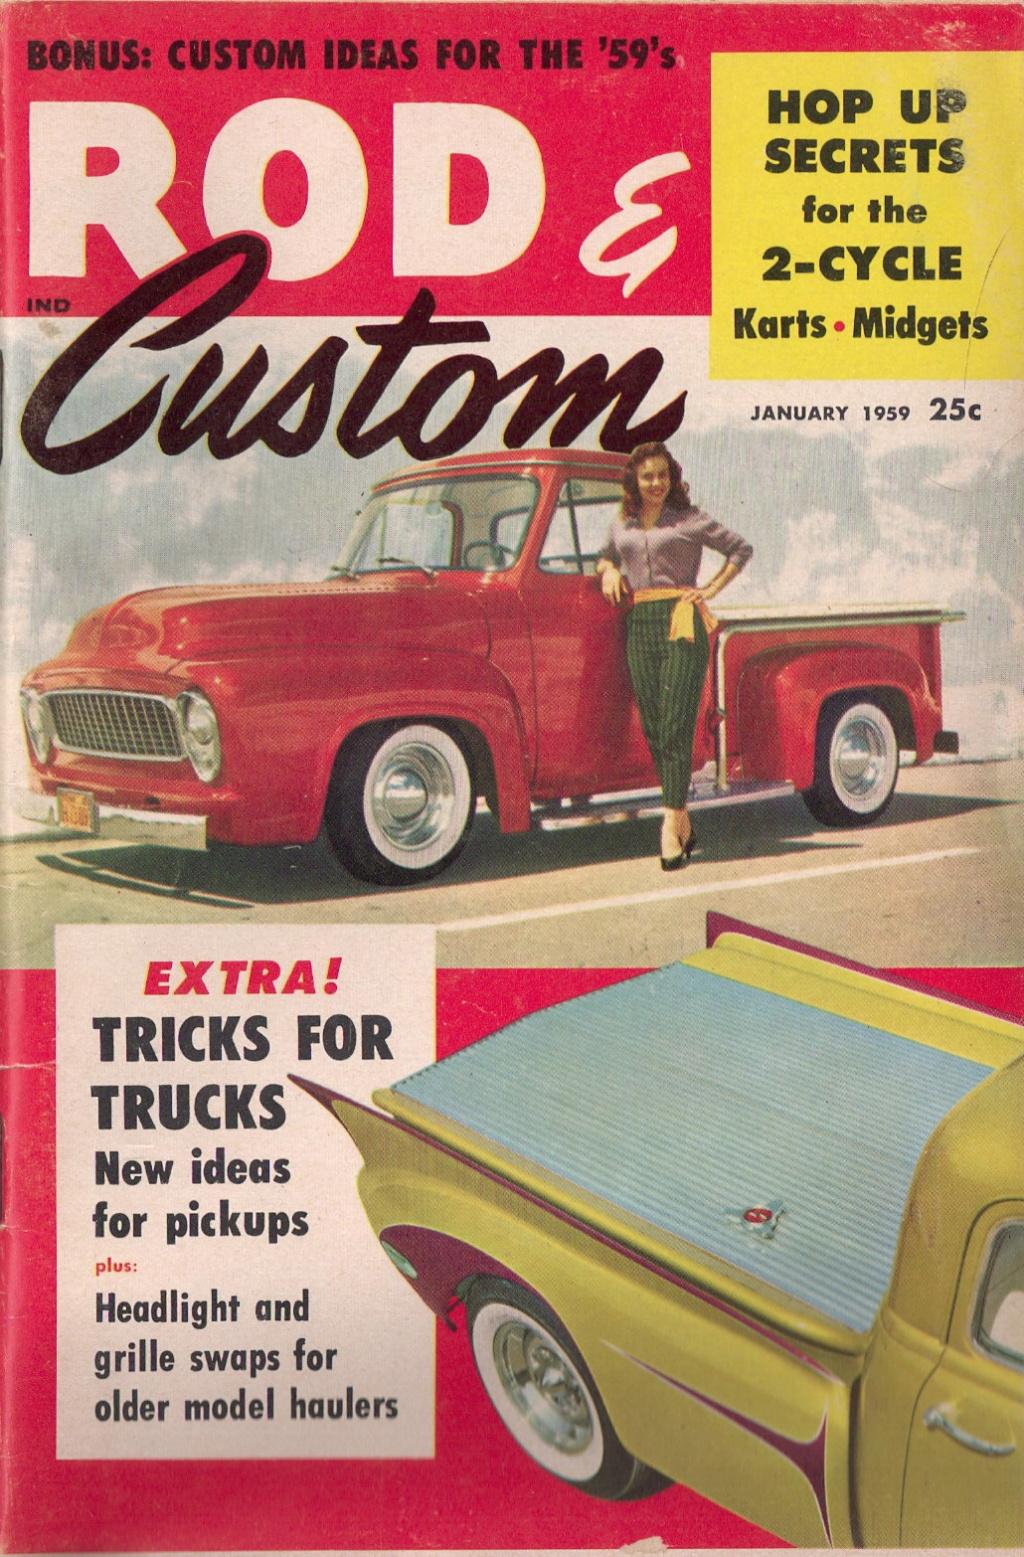 Rod et Custom - January 1959 - Tricks for Trucks - new ideas for pick up Cover10